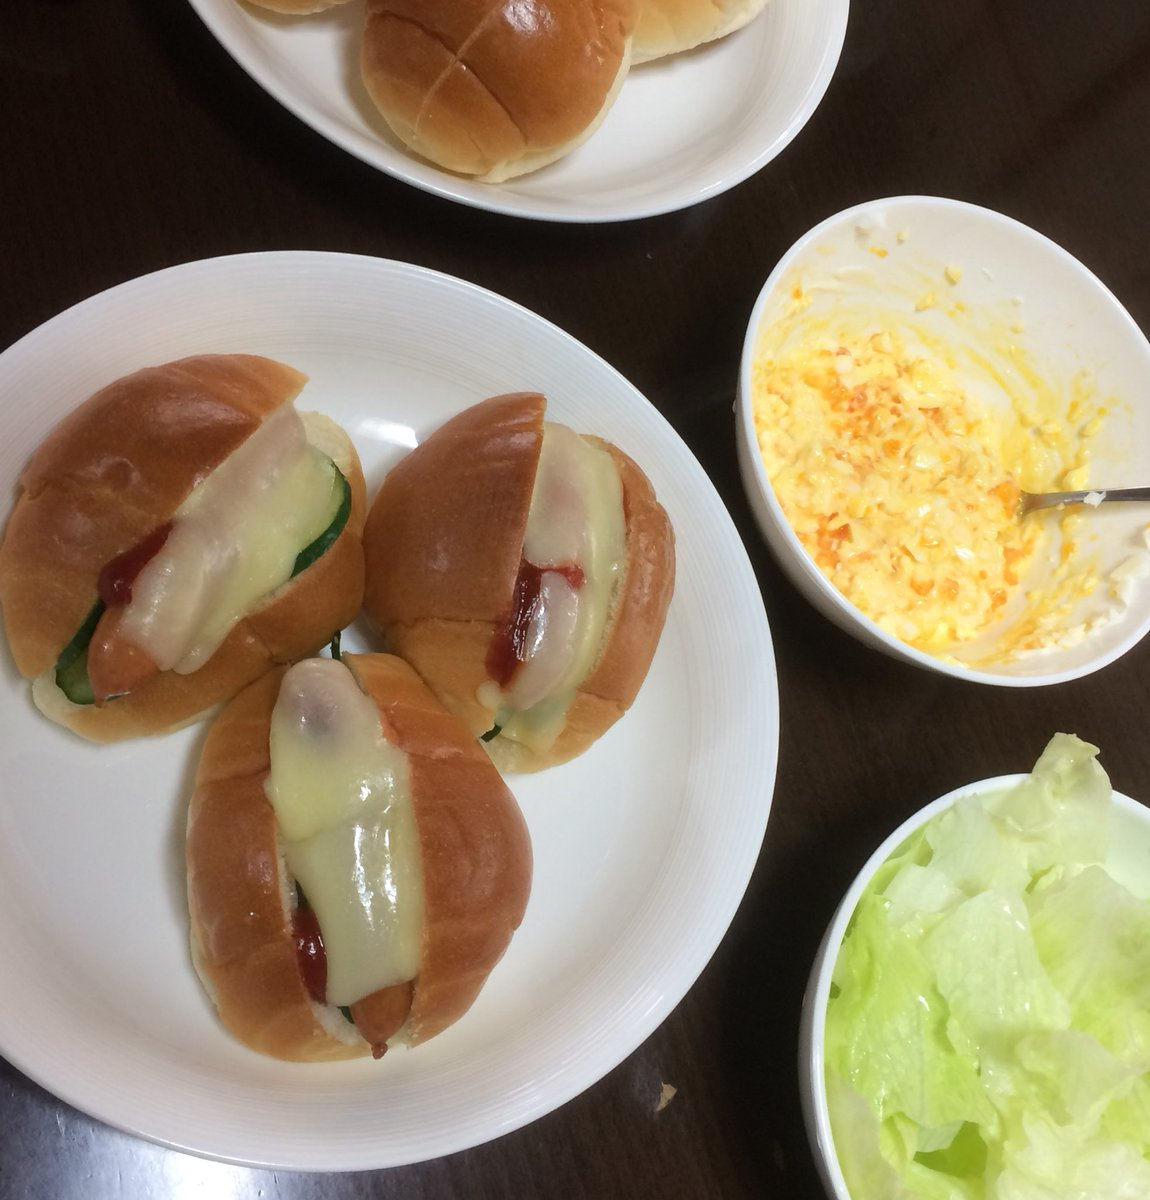 先日、何年かぶりに実家に寄りました  母に前日、昼食を食べるか確認されたのですが  なぜ、中華まん か 簡単なホットドッグ の  2択しかないんでしょうか